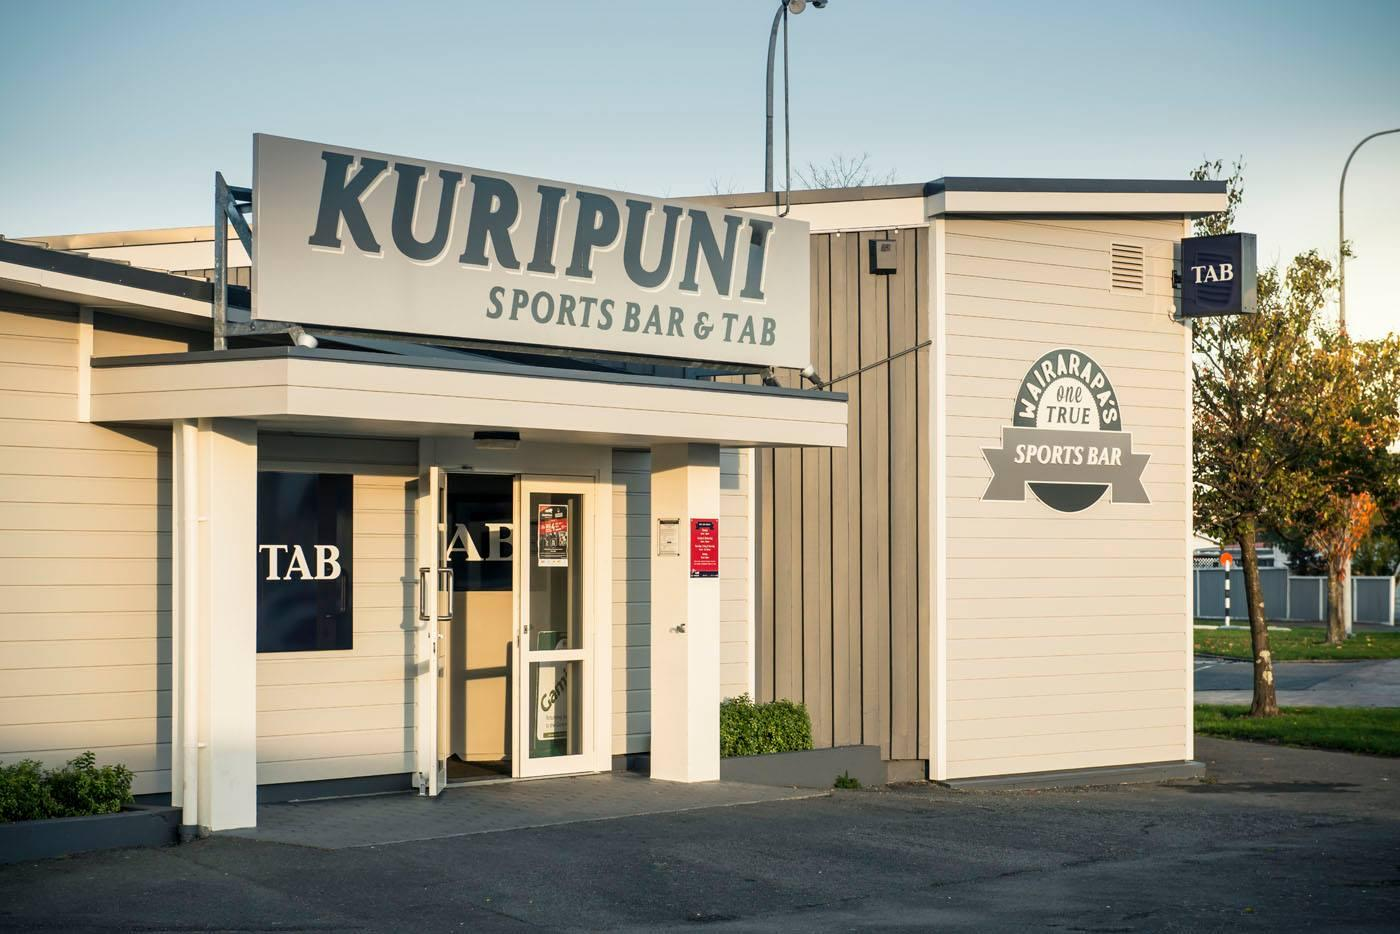 Kuripuni Sports Bar & TAB